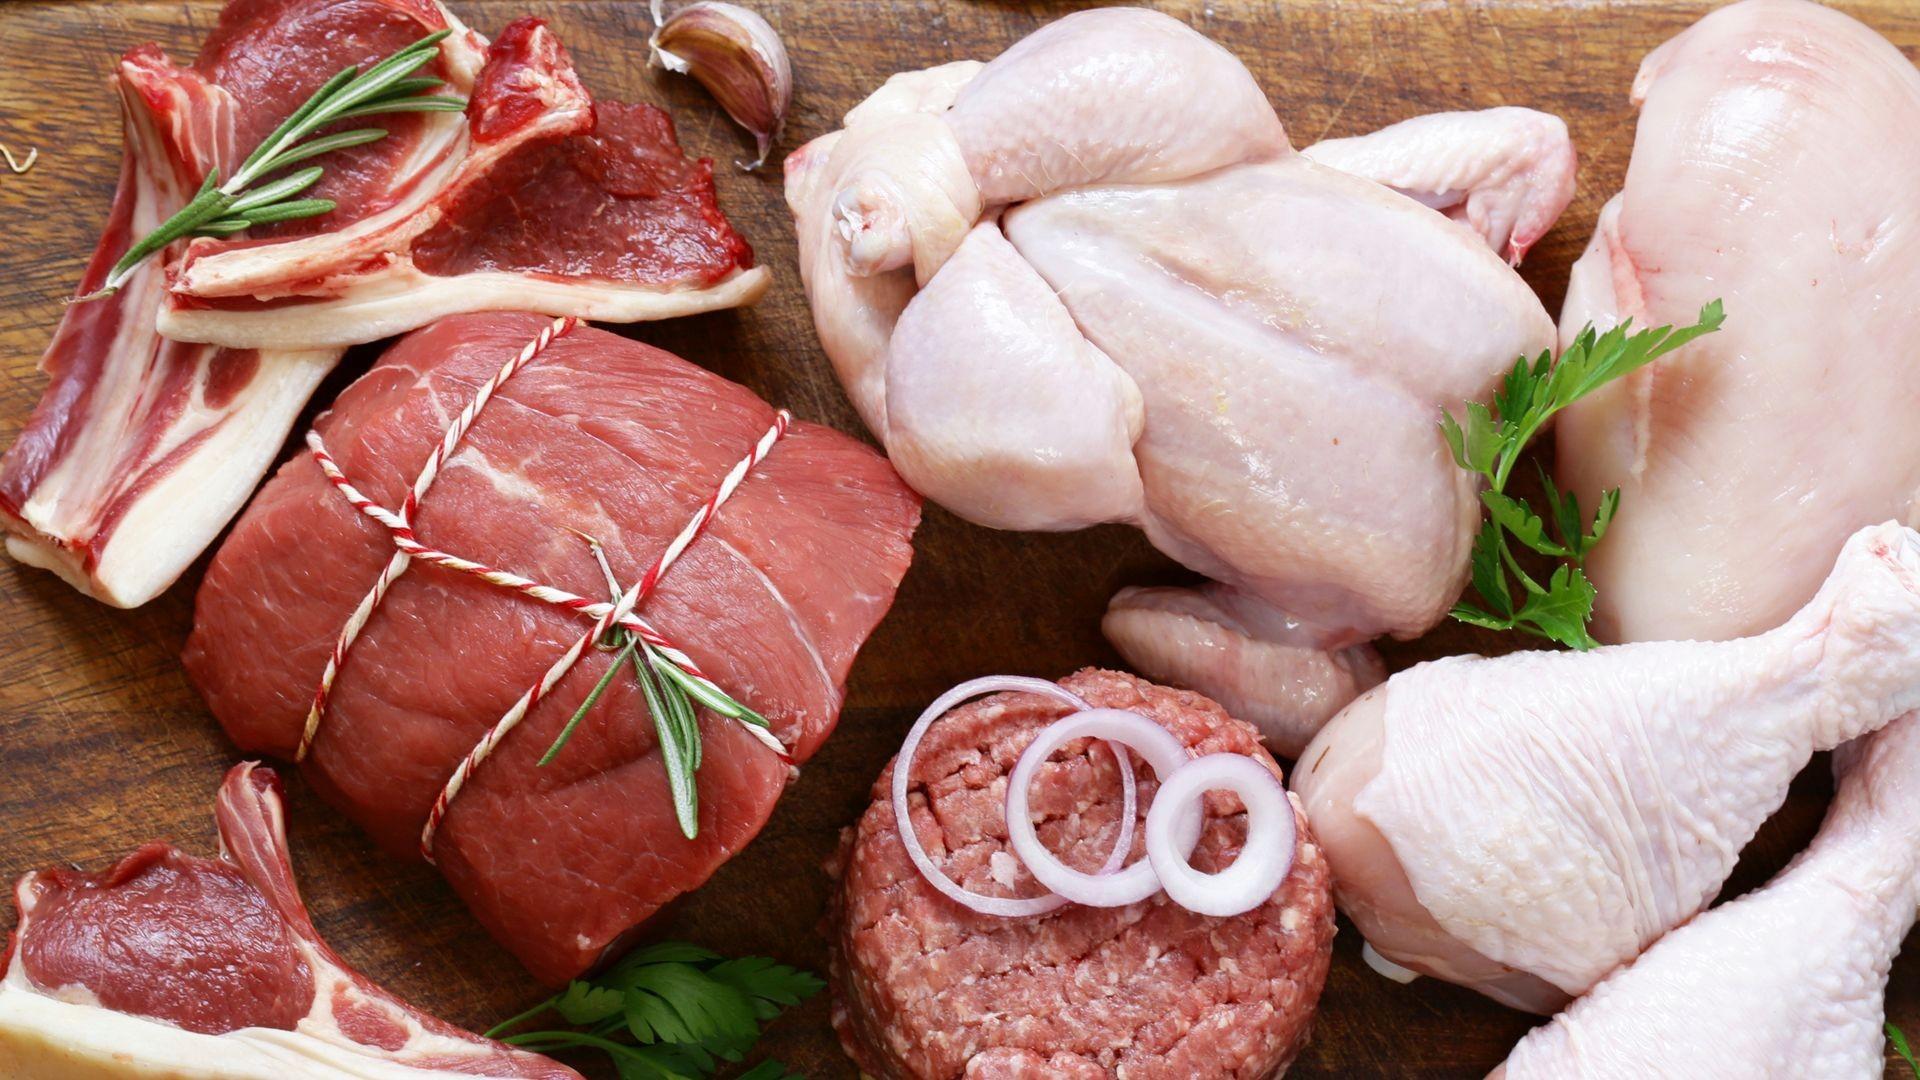 Carnicería y pollería en Benavente